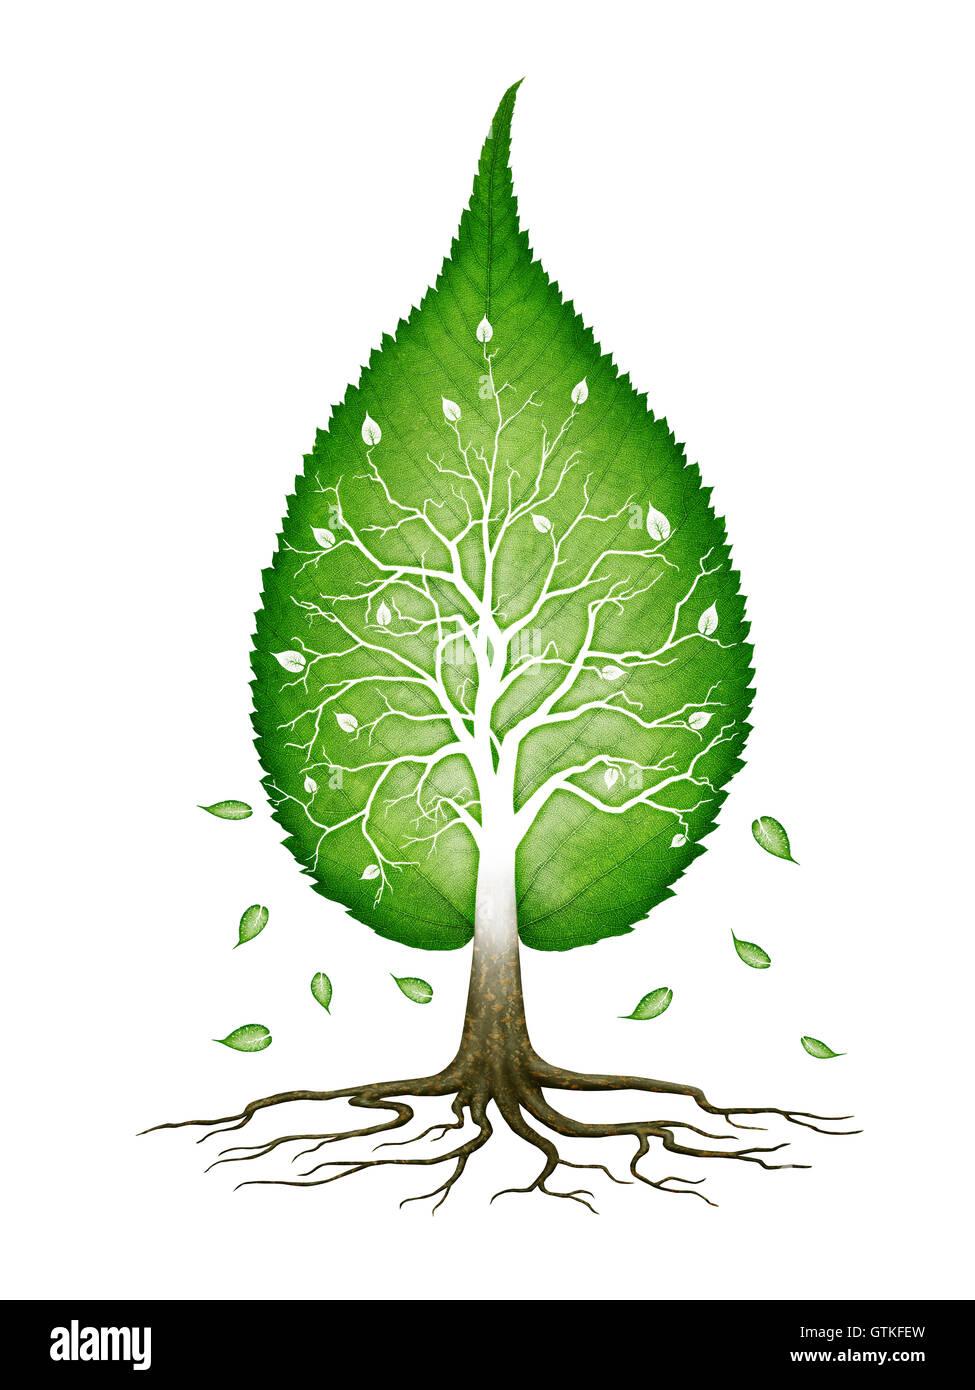 Árbol con forma de hoja verde con ramas y raíces naturaleza infinita fractales concepto zen espiritual Imagen De Stock